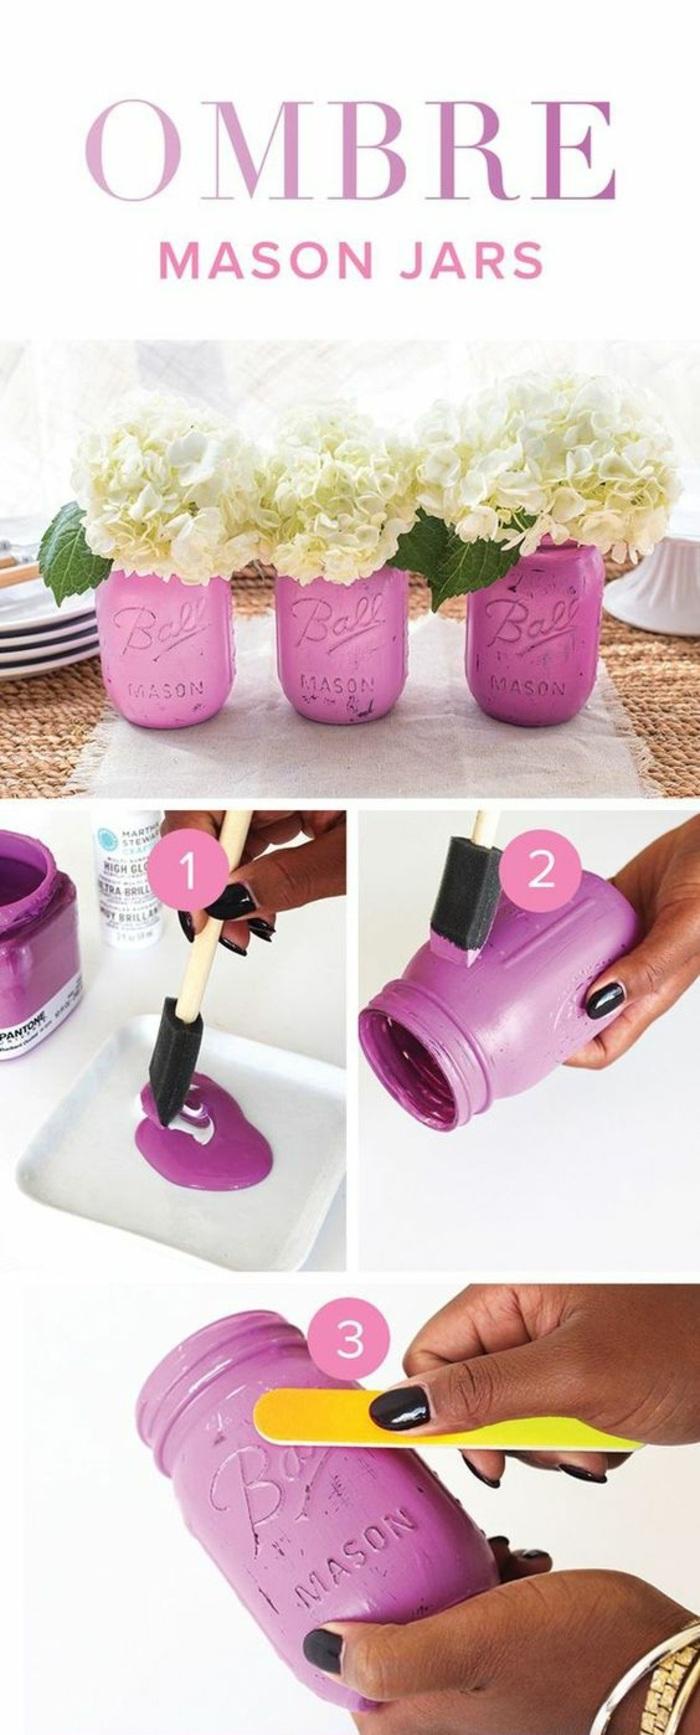 idée comment faire vase originale, exemple recyclage pot verre avec peinture mate, bricolage decoration facile